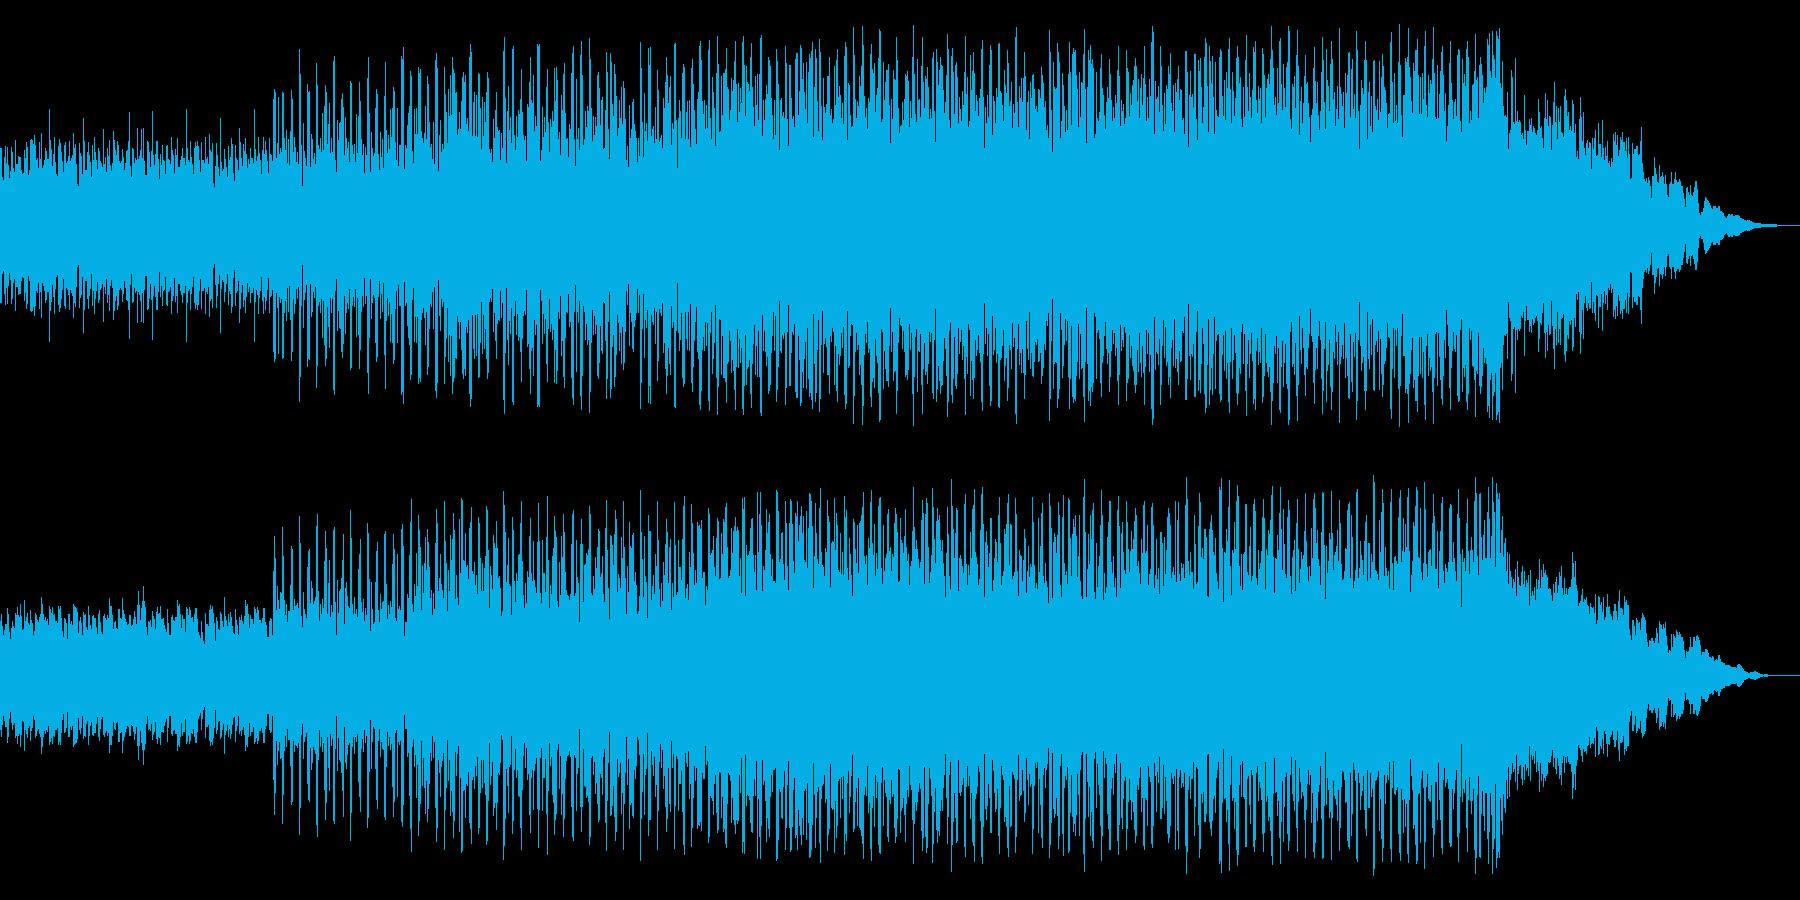 宇宙空間に流れるテクノポップの再生済みの波形